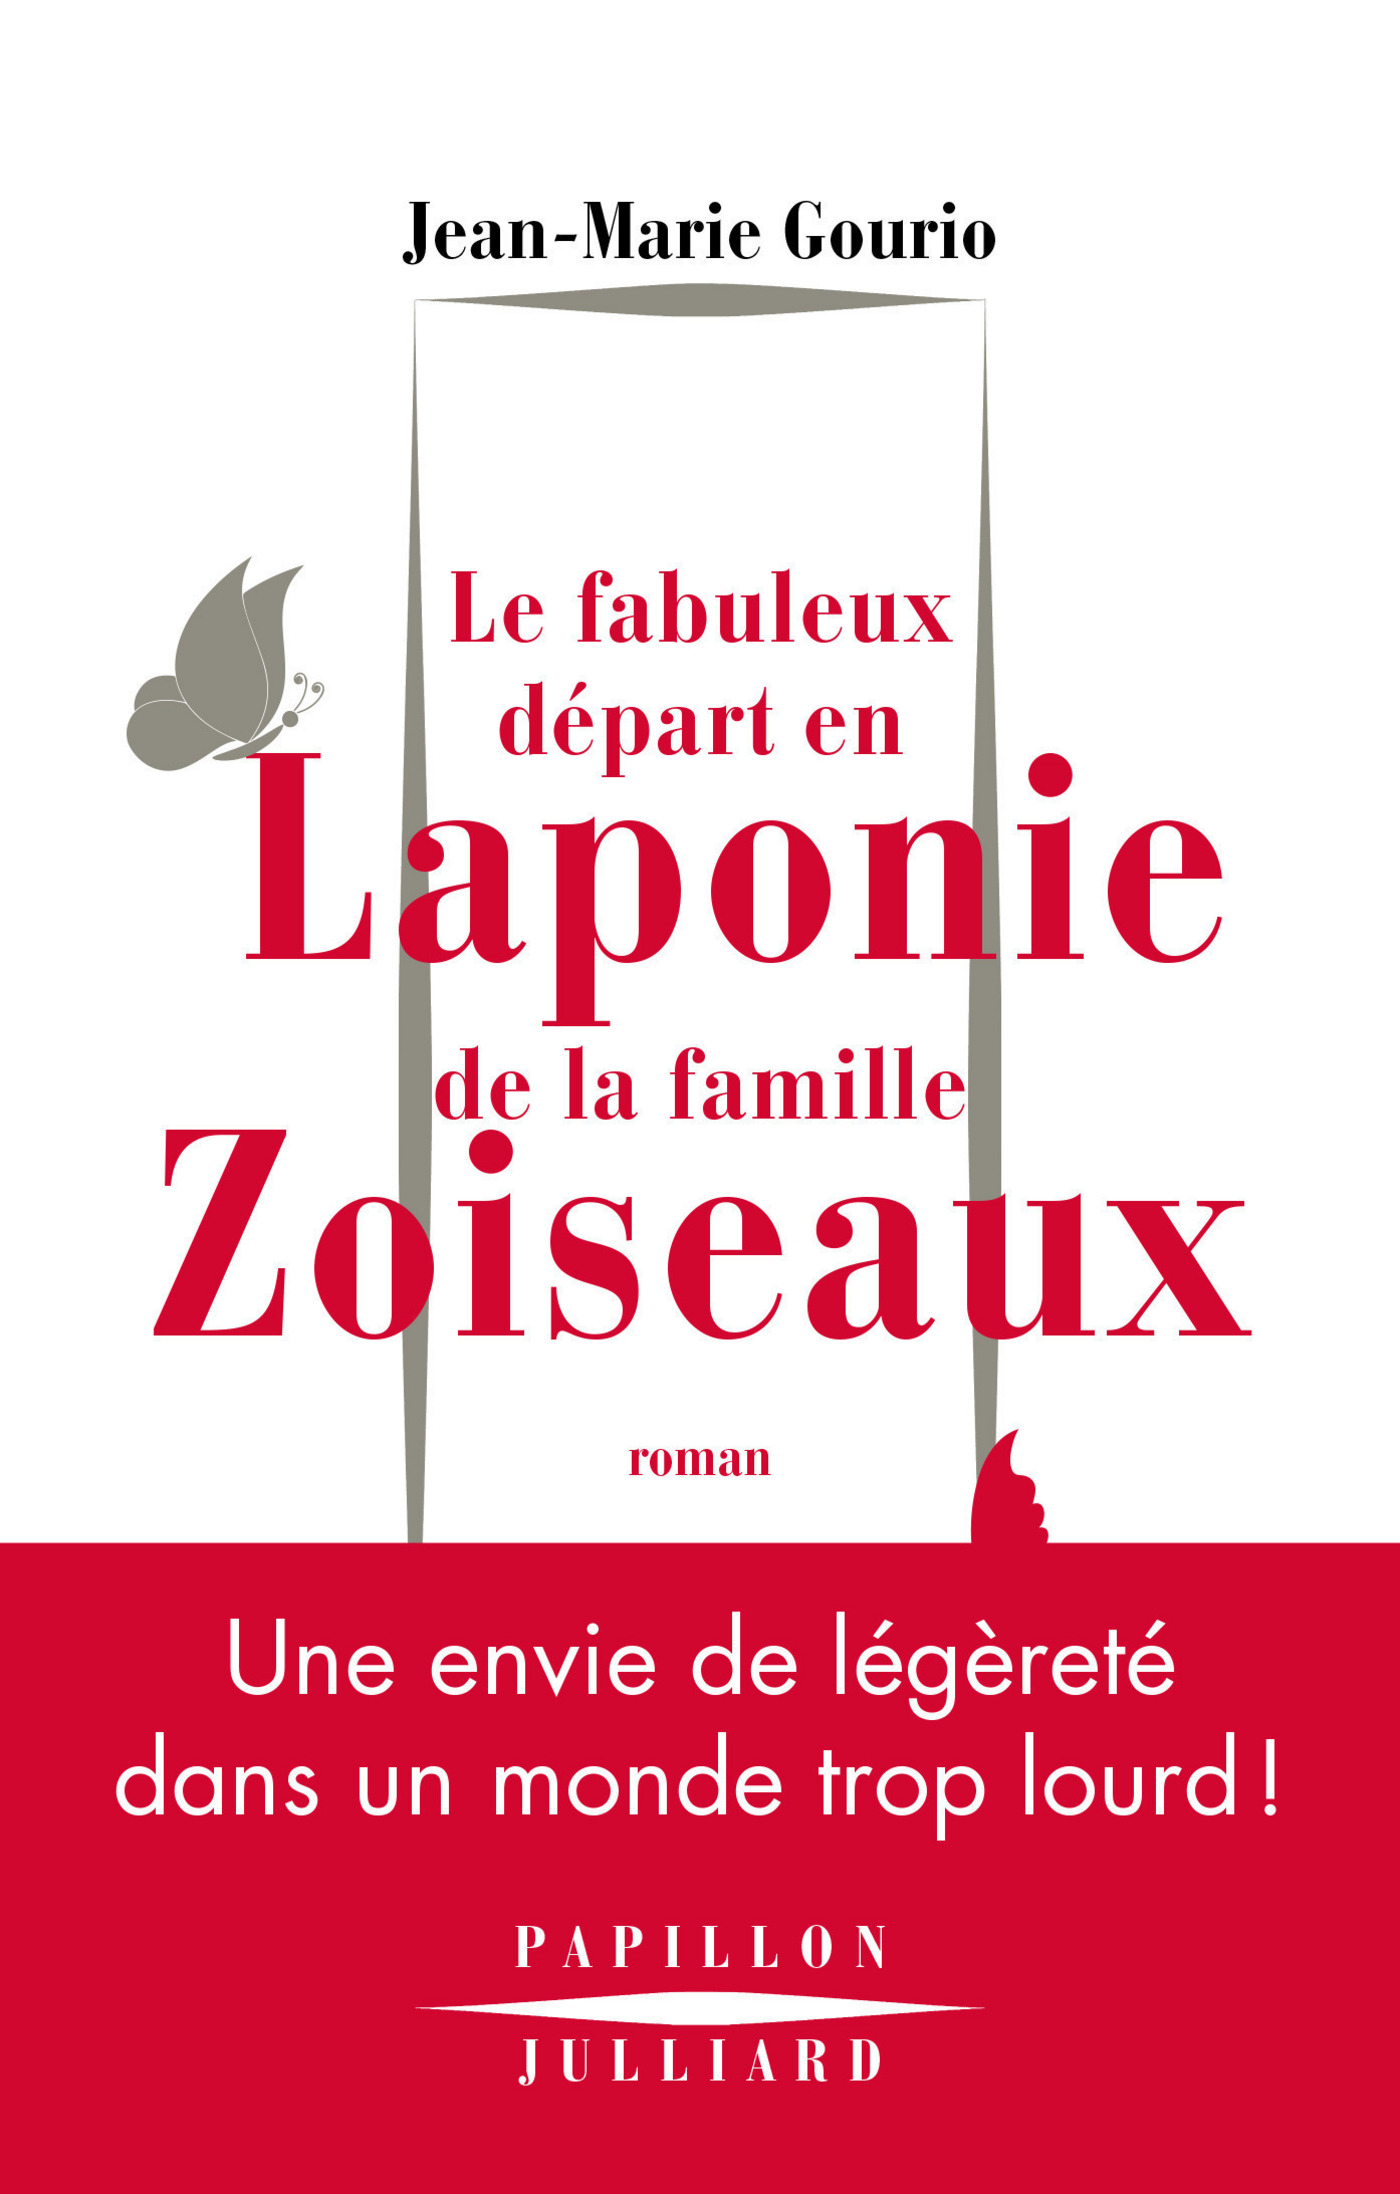 Le Fabuleux départ en Laponie de la famille Zoiseaux (ebook)